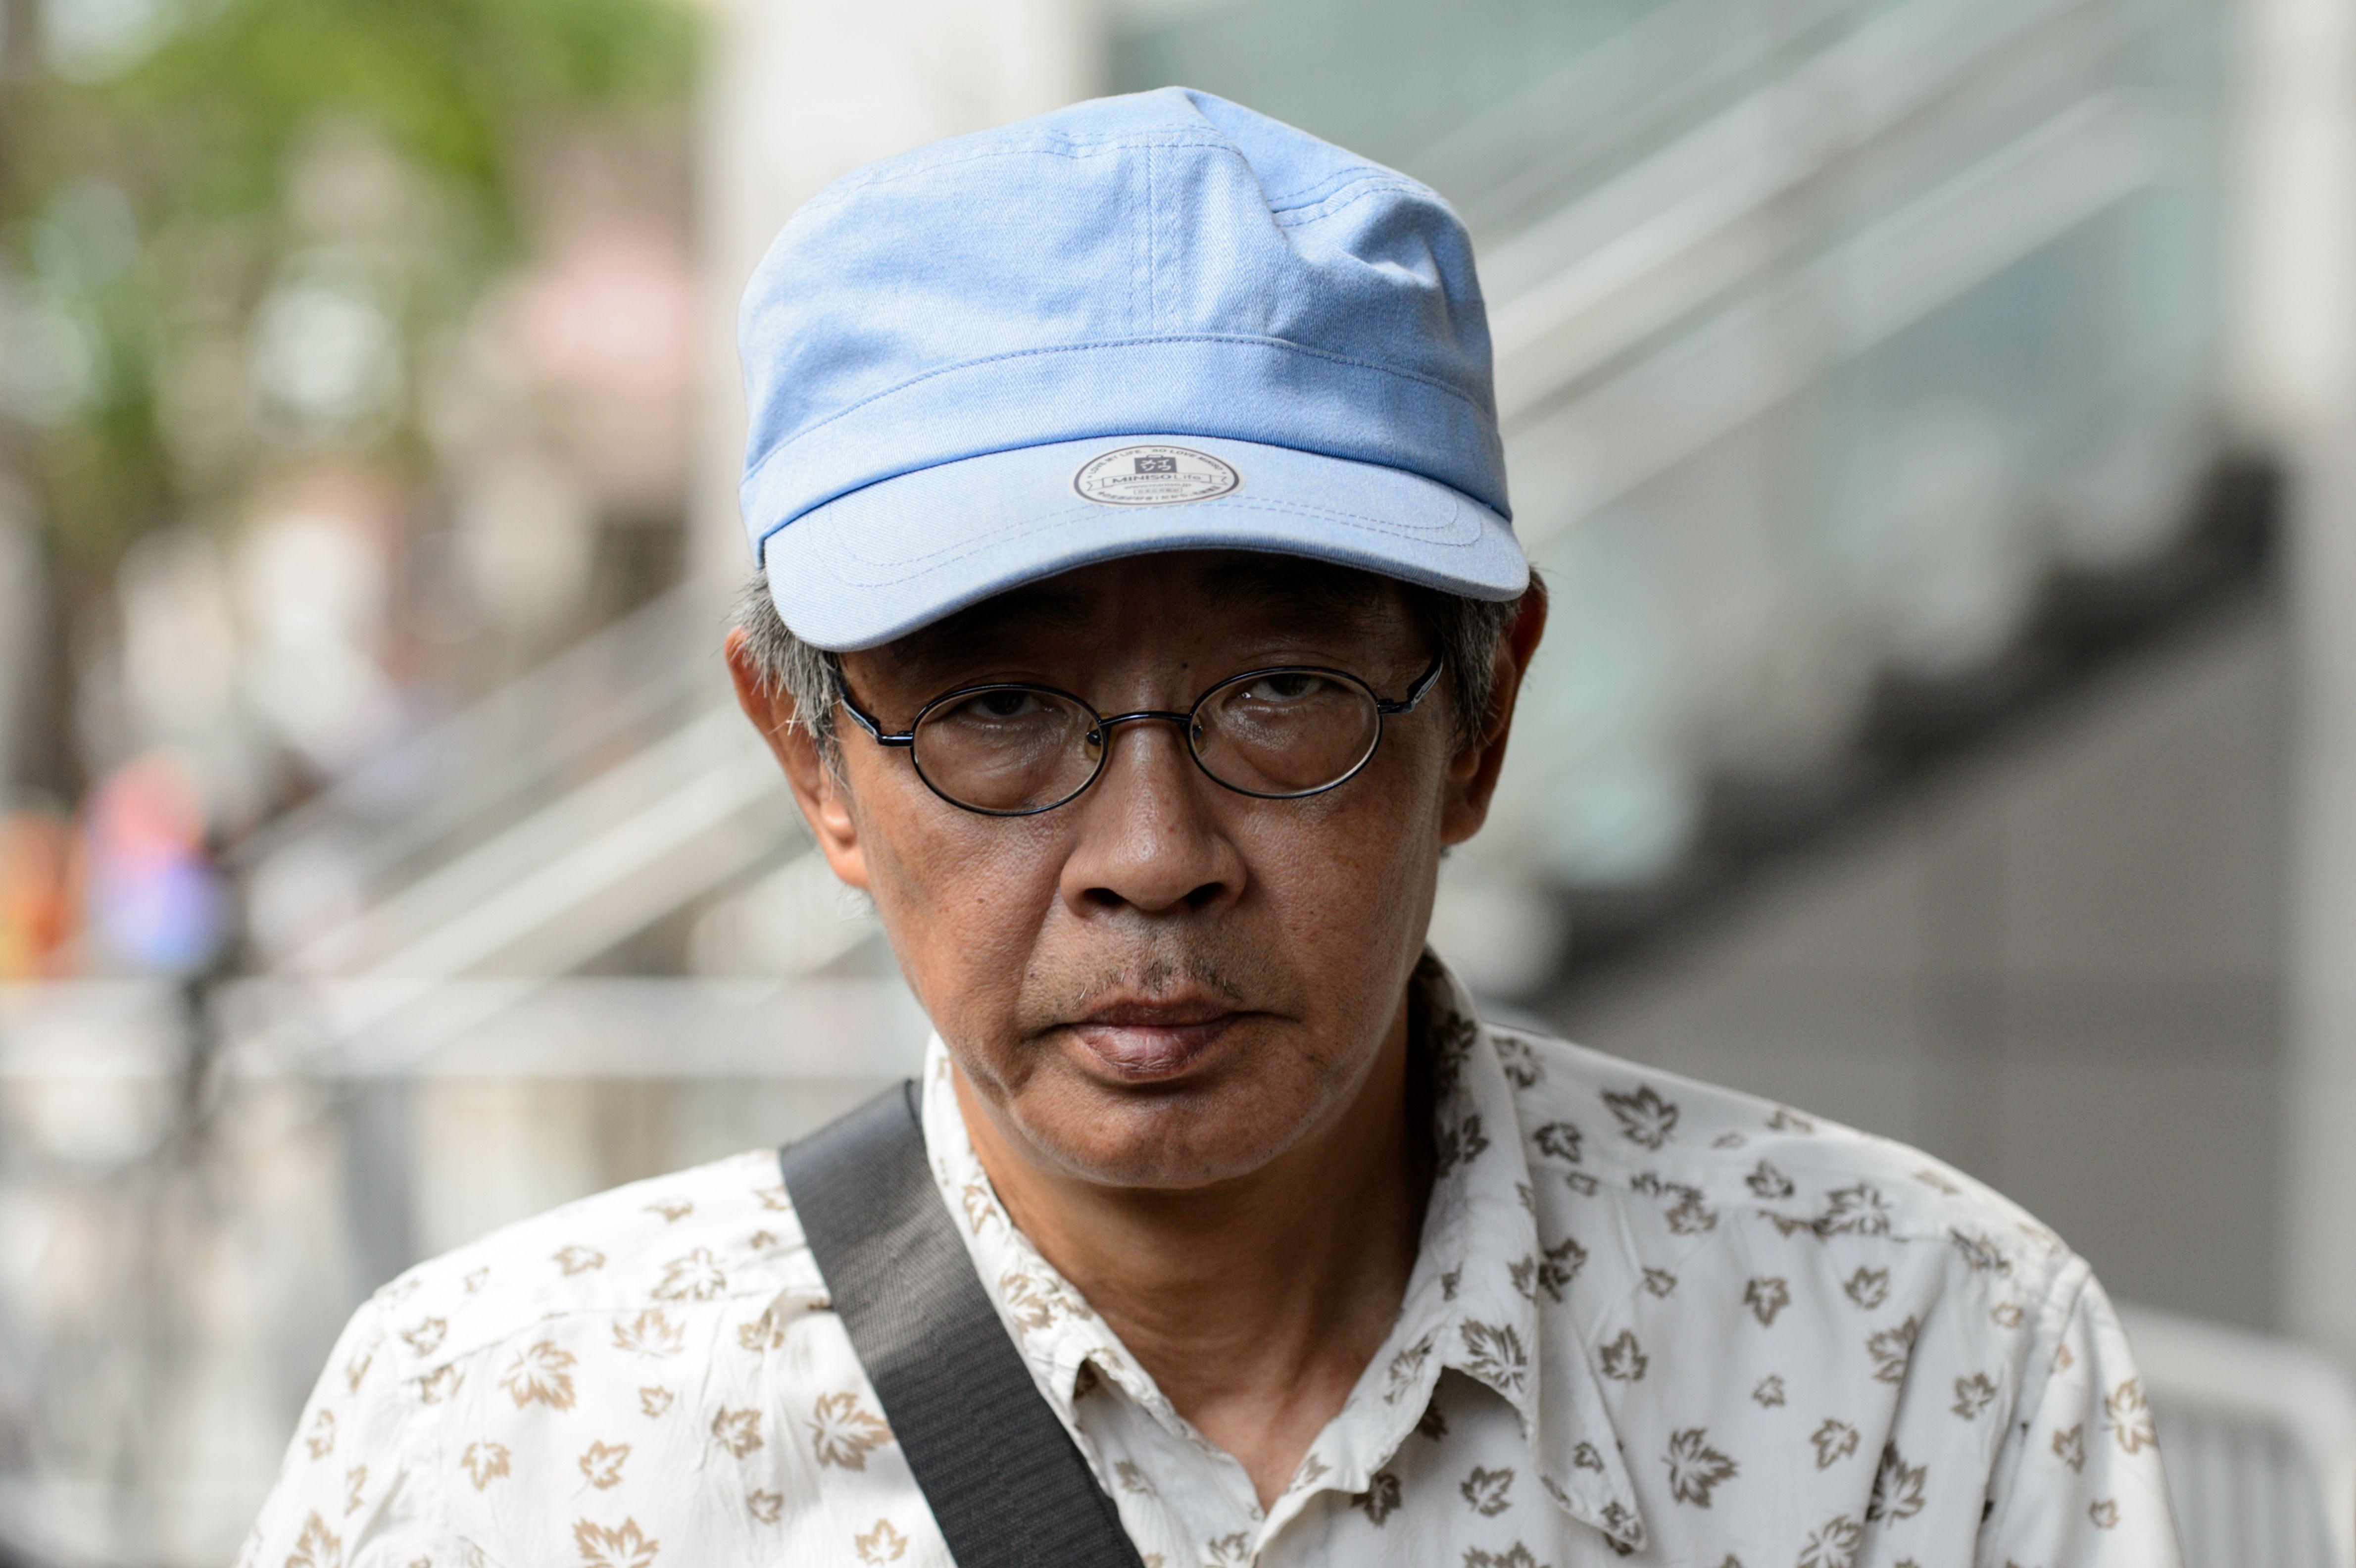 Hong Kong bookseller Lam Wing-kee at Wanchai police station in Hong Kong on June 27, 2016.